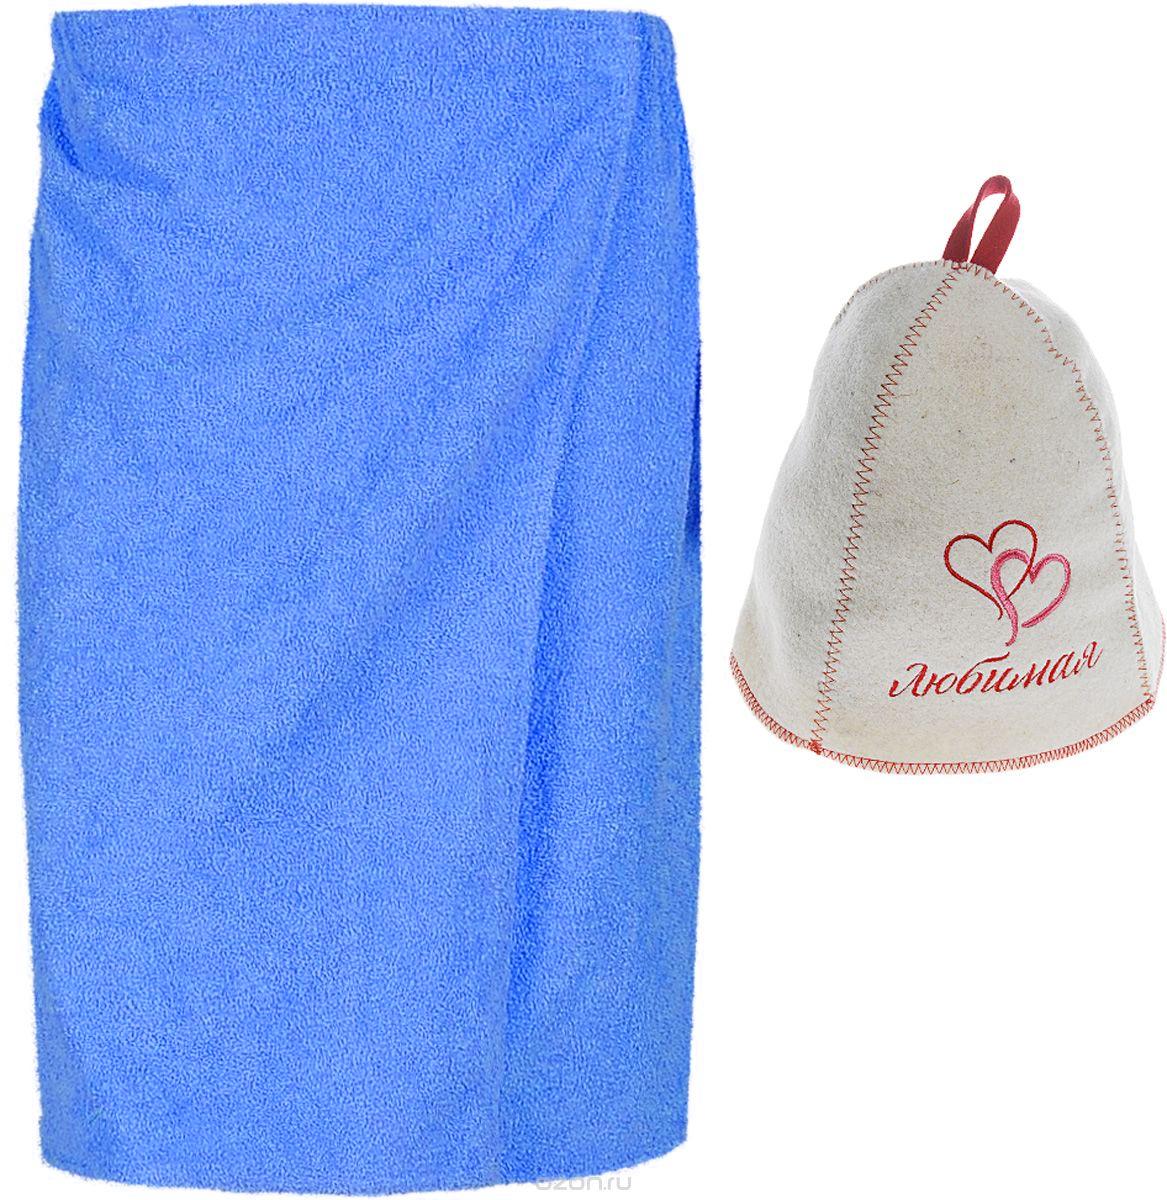 Набор для бани Главбаня Любимая, цвет: синий, бежевый, 2 предметаБ32319Набор для бани Главбаня Любимая состоит из парео и шапки. Парео изготовлено из натуральной махровой ткани (100% хлопок). Изделия из такой ткани хорошо впитывают влагу, являются практичными и износостойкими. Парео снабжено резинкой и застежкой-липучкой, поэтому универсально. Оно прекрасно послужит в качестве полотенца или накидки и защитит вас от воздействия горячих предметов в парилке. Шапка изготовлена из войлока и декорирована вышивкой в виде сердец и надписи: Любимая. Шапка защитит от головокружения, сухости и ломкости волос и перегрева головы. Такой набор станет прекрасным подарком и полезным приобретением для всех любительниц попариться в бане. Размер парео: 140 х 83 см. Высота шапки: 25 см. Обхват головы: 72 см.